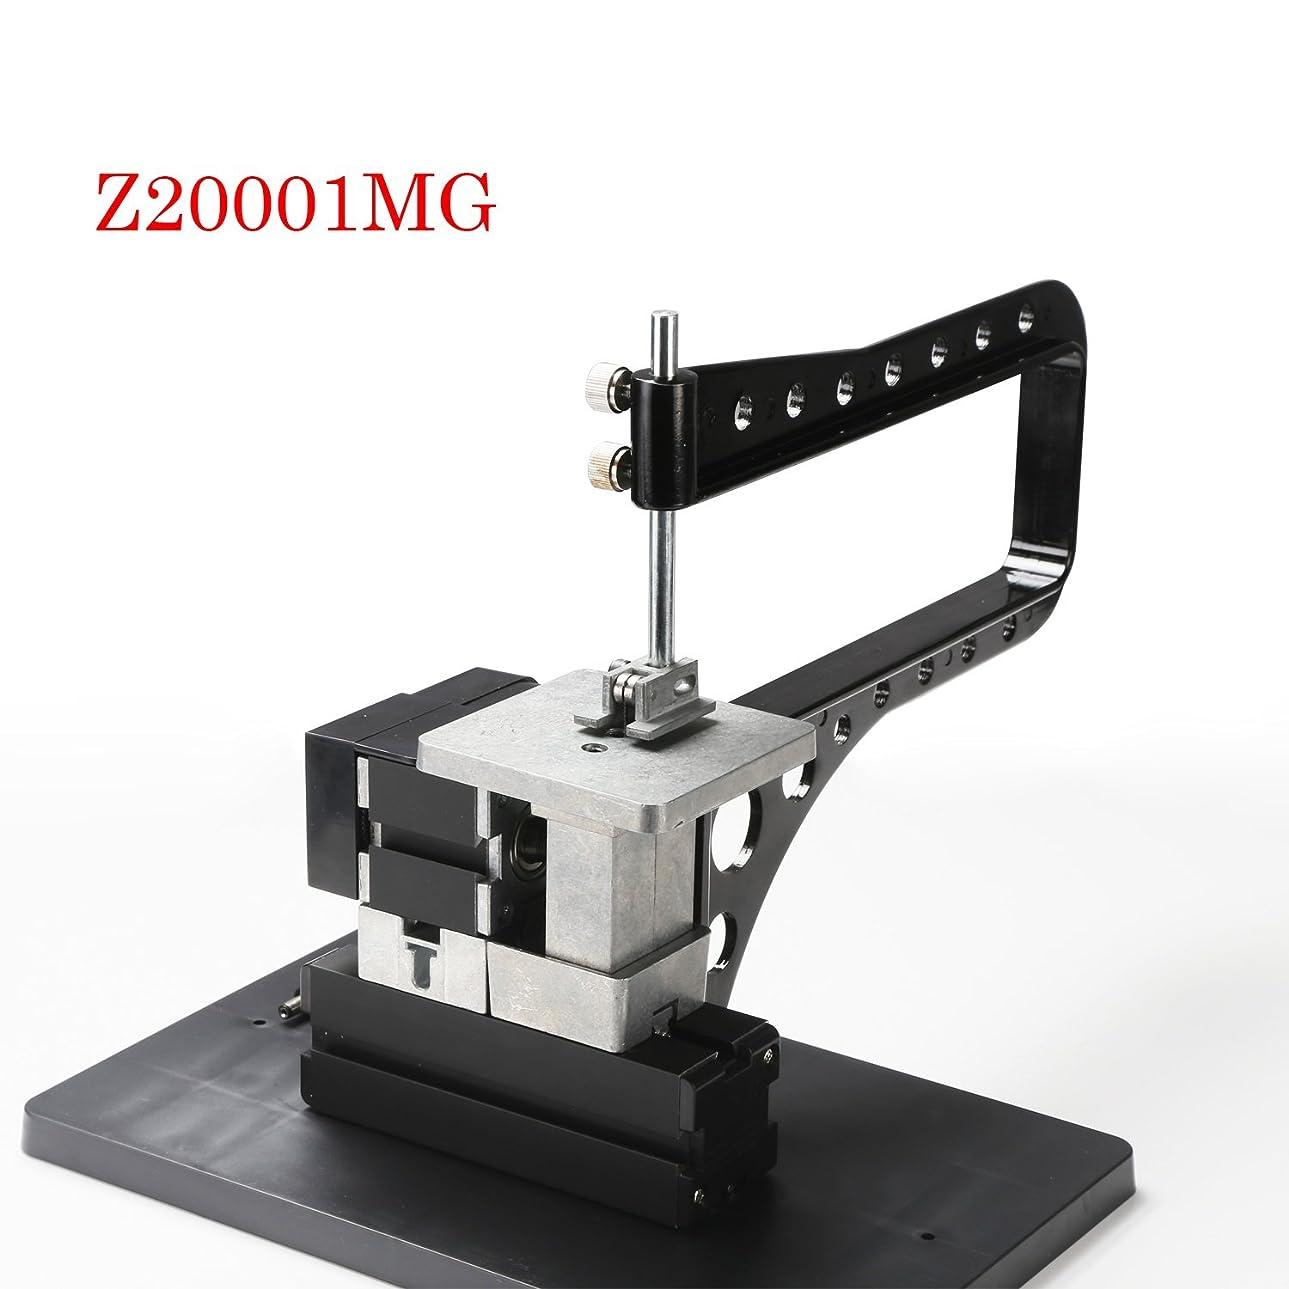 つまずくれんが踏みつけミニ旋盤 24W 木工 DIYツール モデル製作 金属製のジグソーパズル 弓腕付き パズルカット